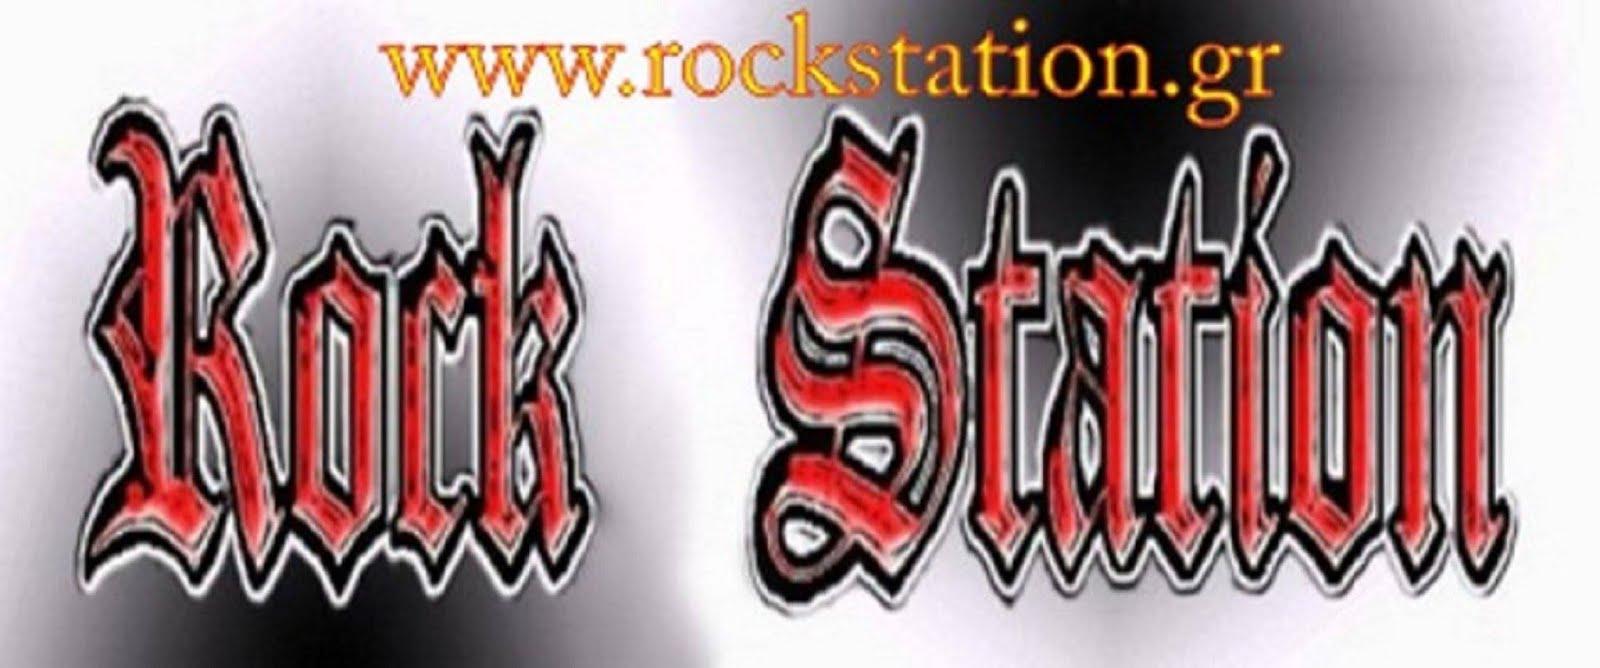 www.rockstation.gr